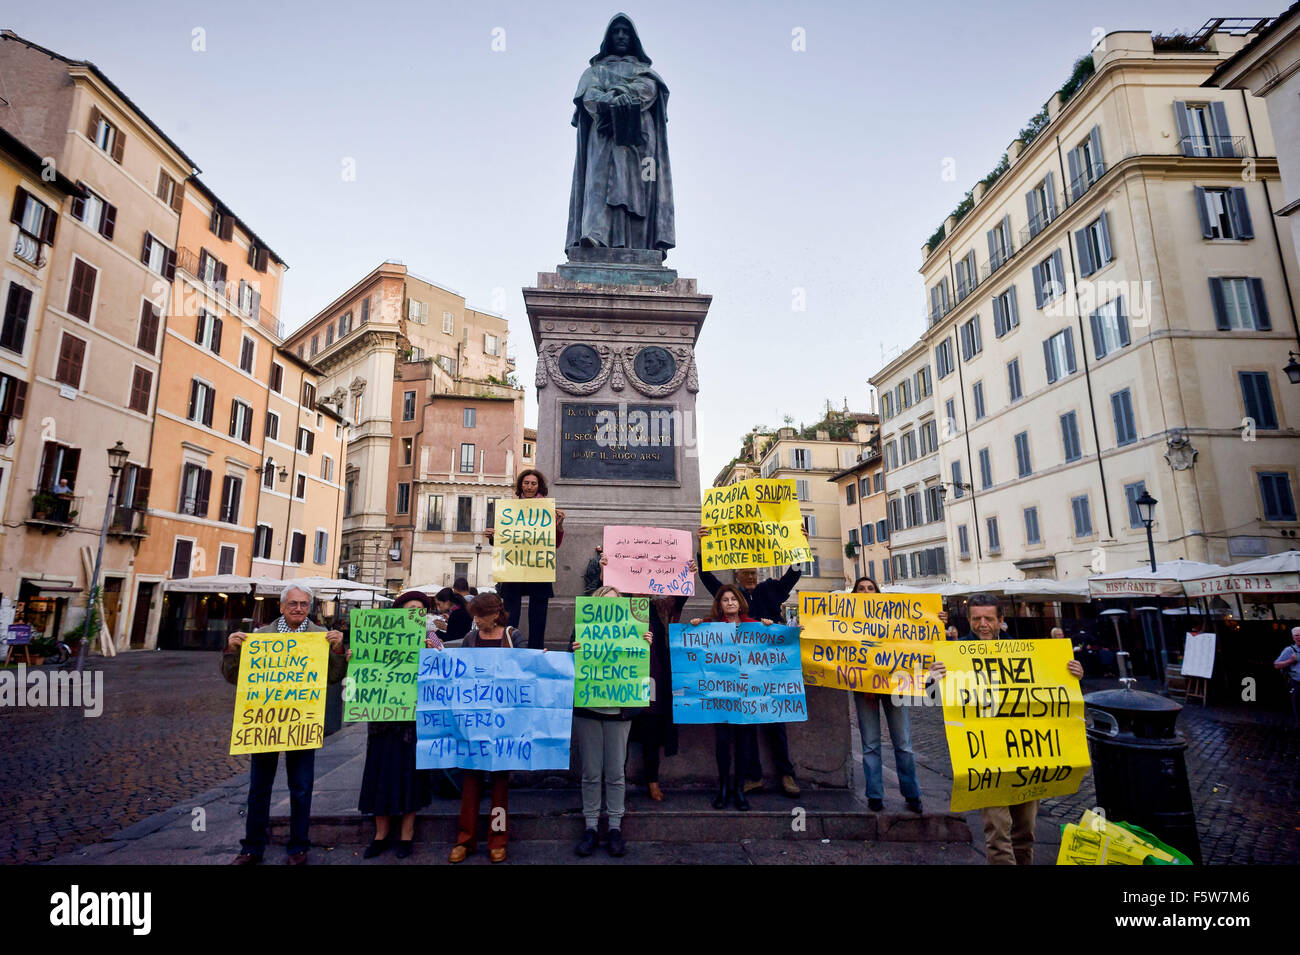 Roma, Italia. Il 9 novembre 2015. Protesta di alcuna rete di guerra di fronte alla statua di Giordano Bruno in Piazza Immagini Stock